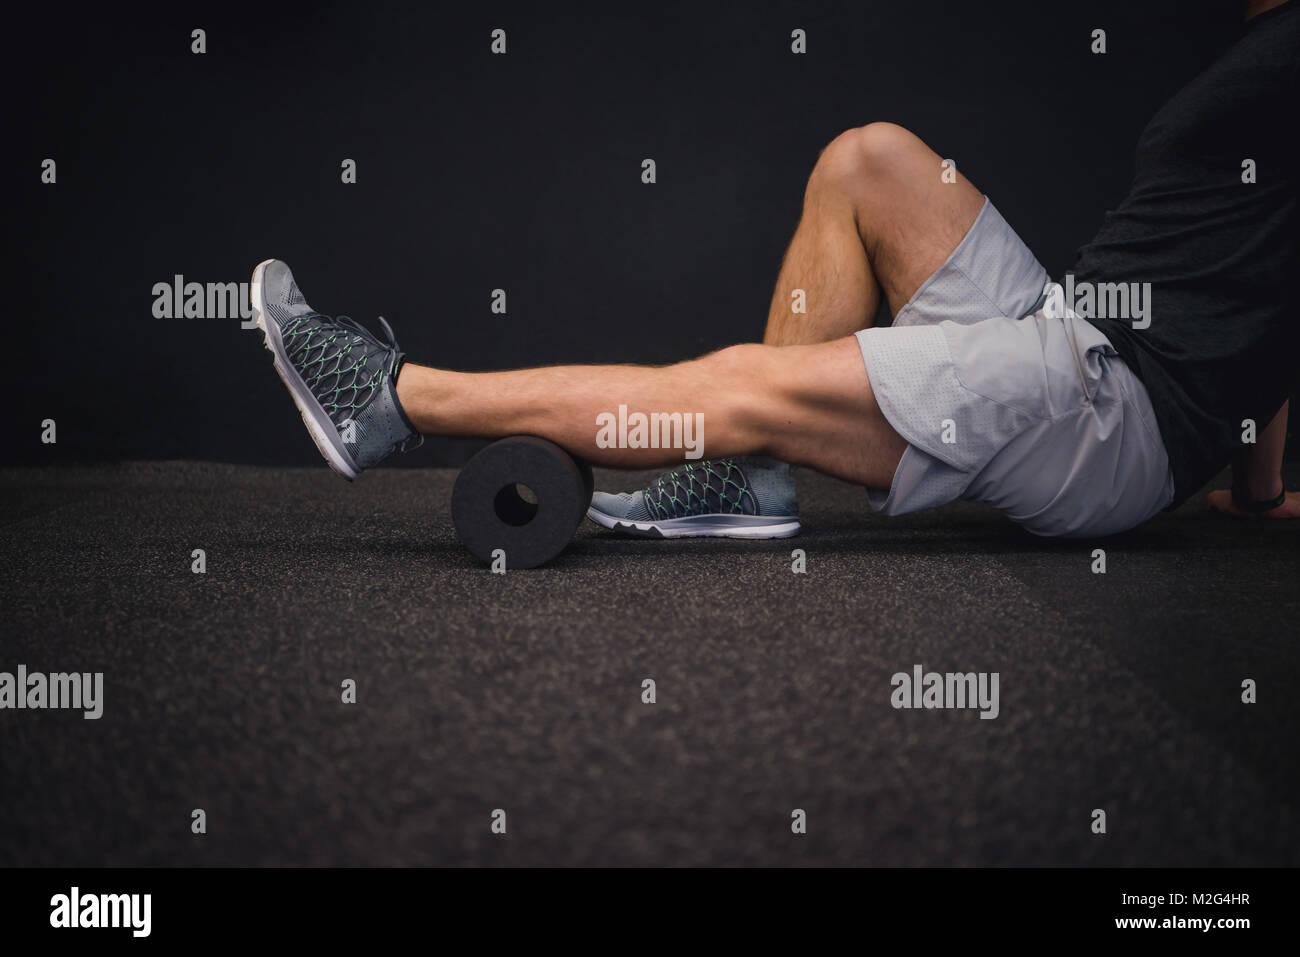 Athletic uomo usando un rullo in gomma spugna per alleviare muscoli doloranti dopo un allenamento. Immagini Stock